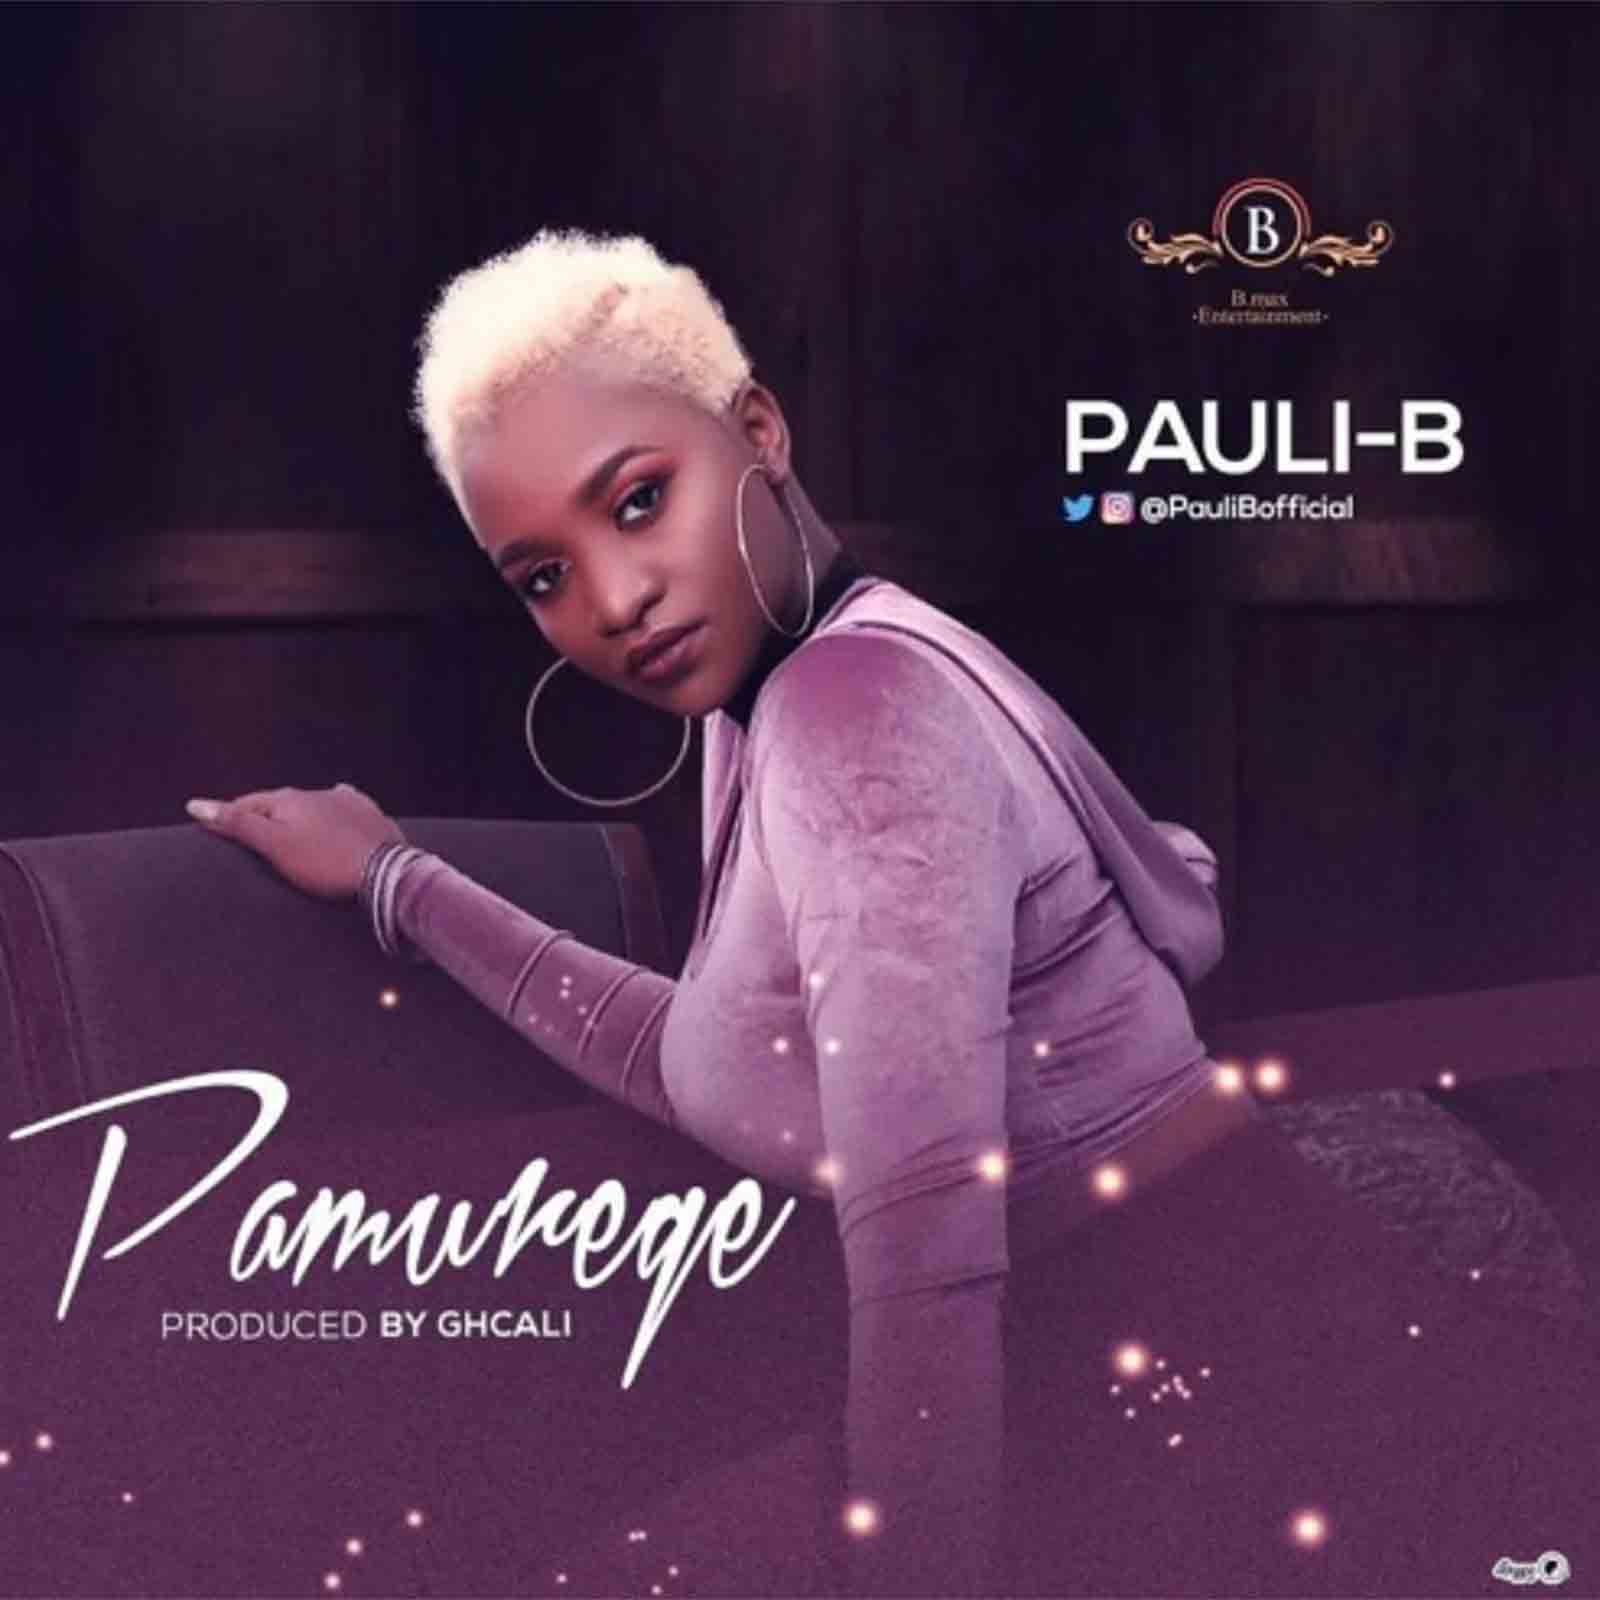 Pamurege by Pauli-B